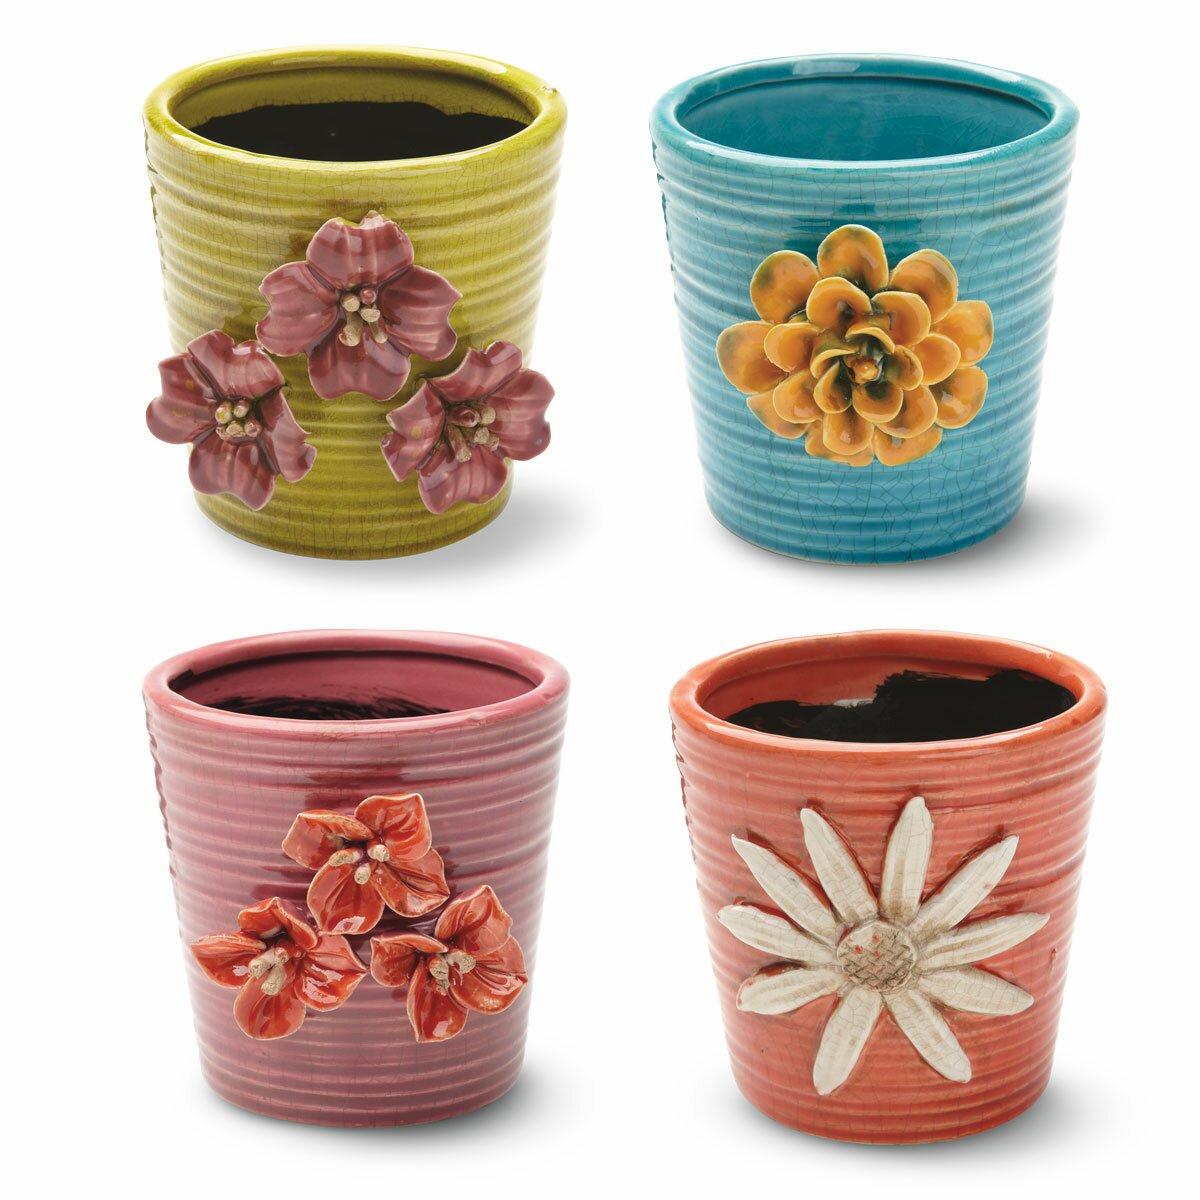 Foreside home garden boho round pot planter reviews for 6 ceramic flower pots